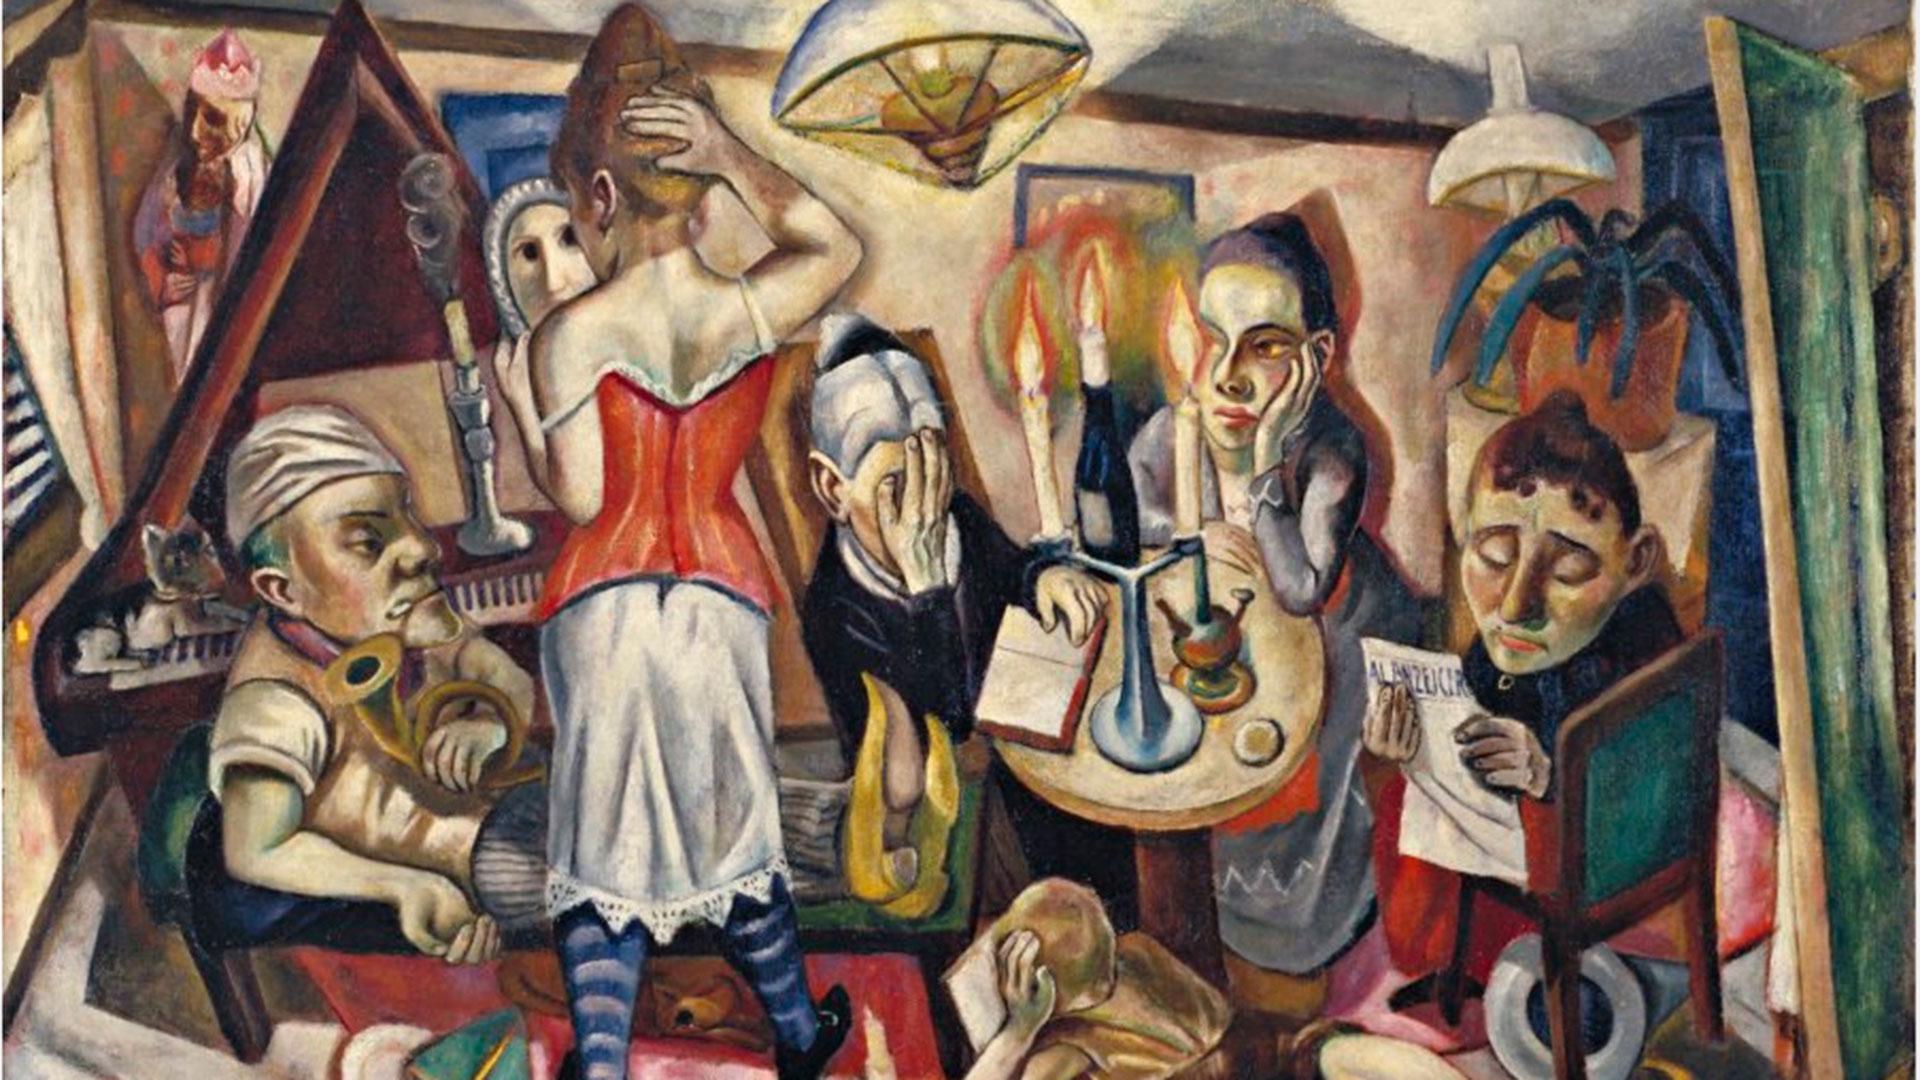 Imagen de la exposición de Max Beckmann en el Museo Nacional Thyssen Bornemisza